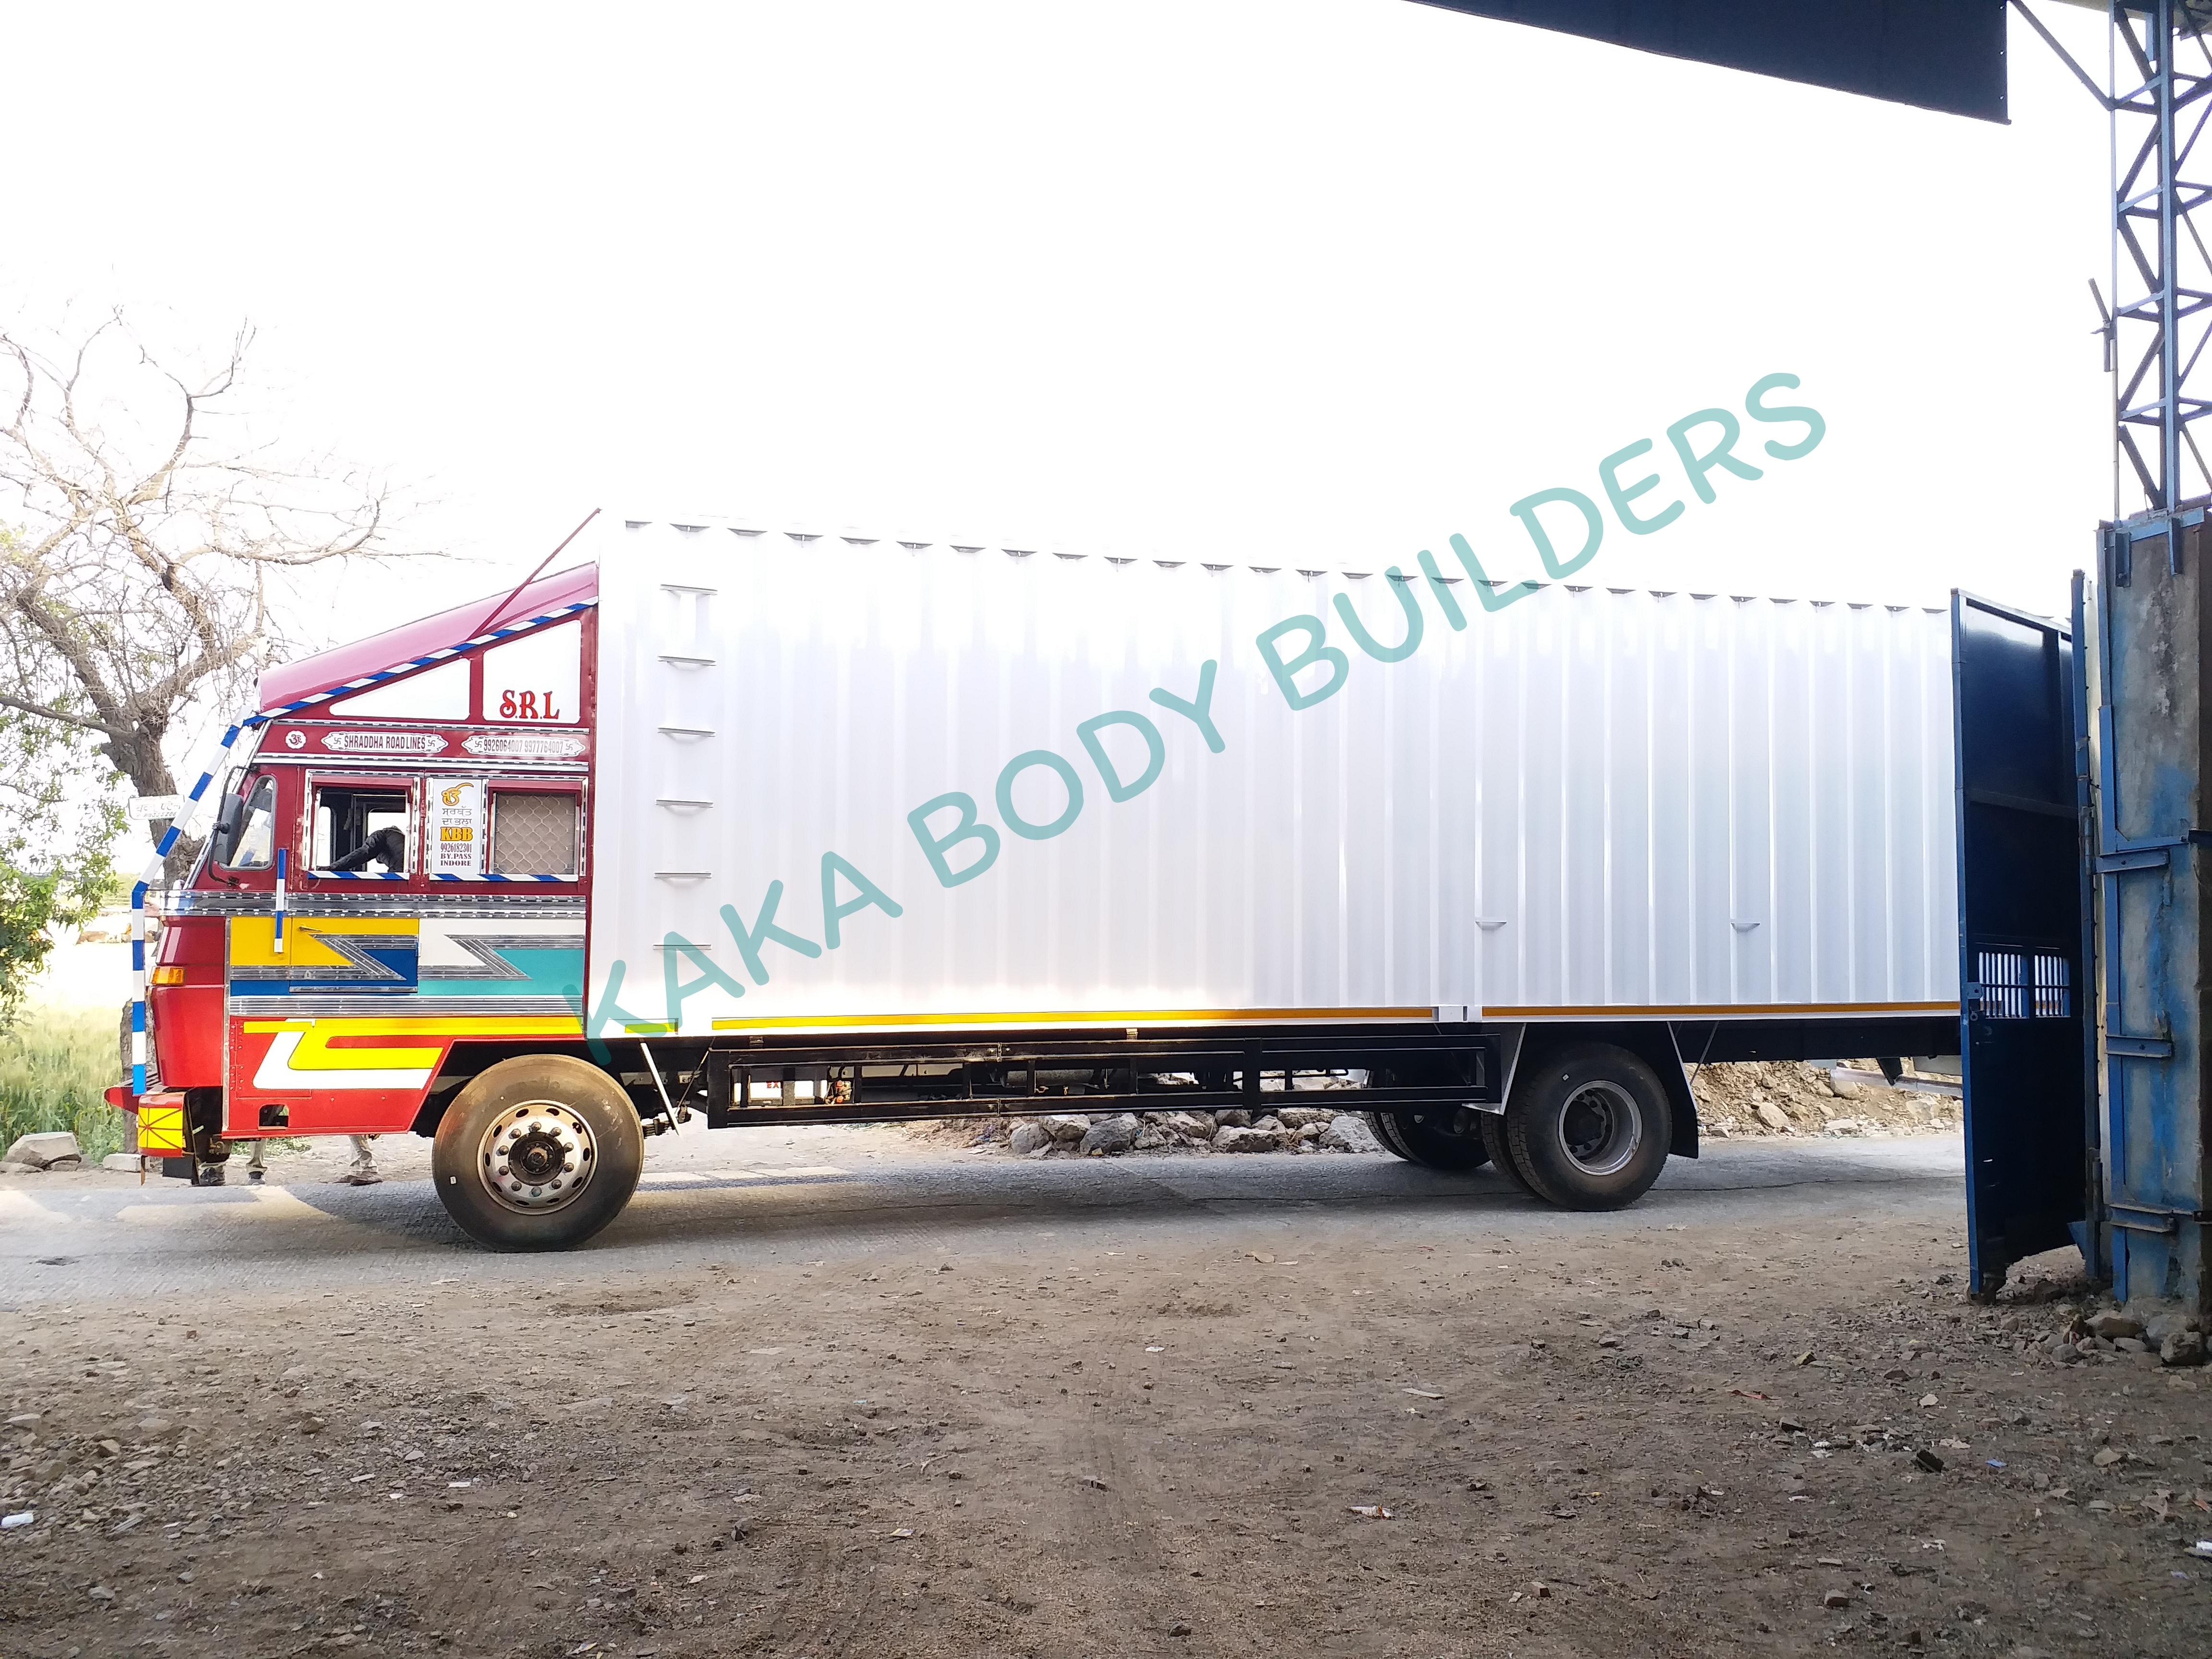 Eicher Truck Conatainer Body